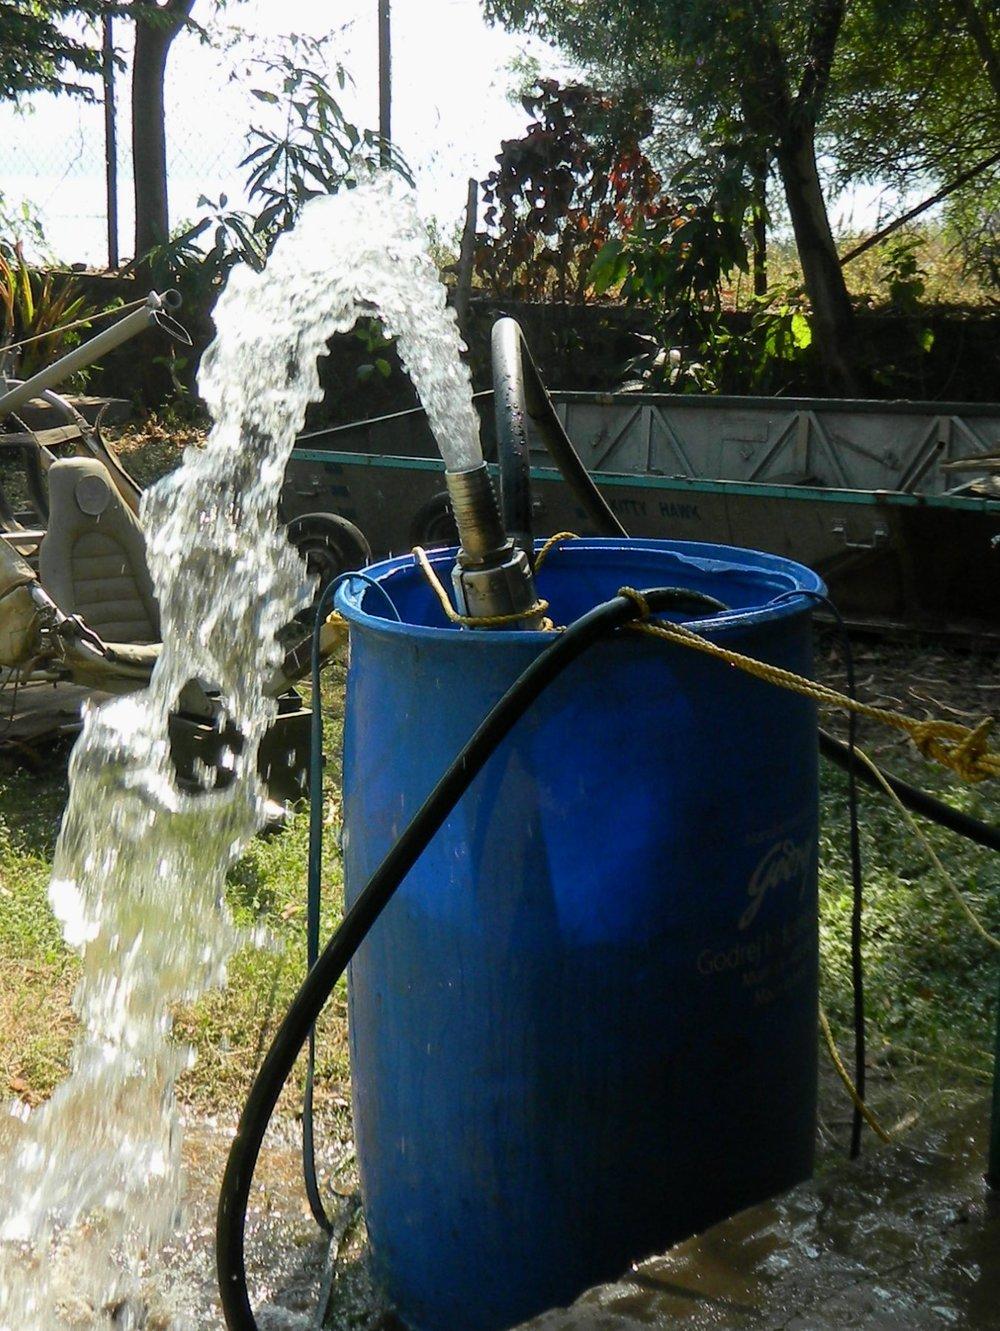 Bihsolar pump 1 hp 008 bigger